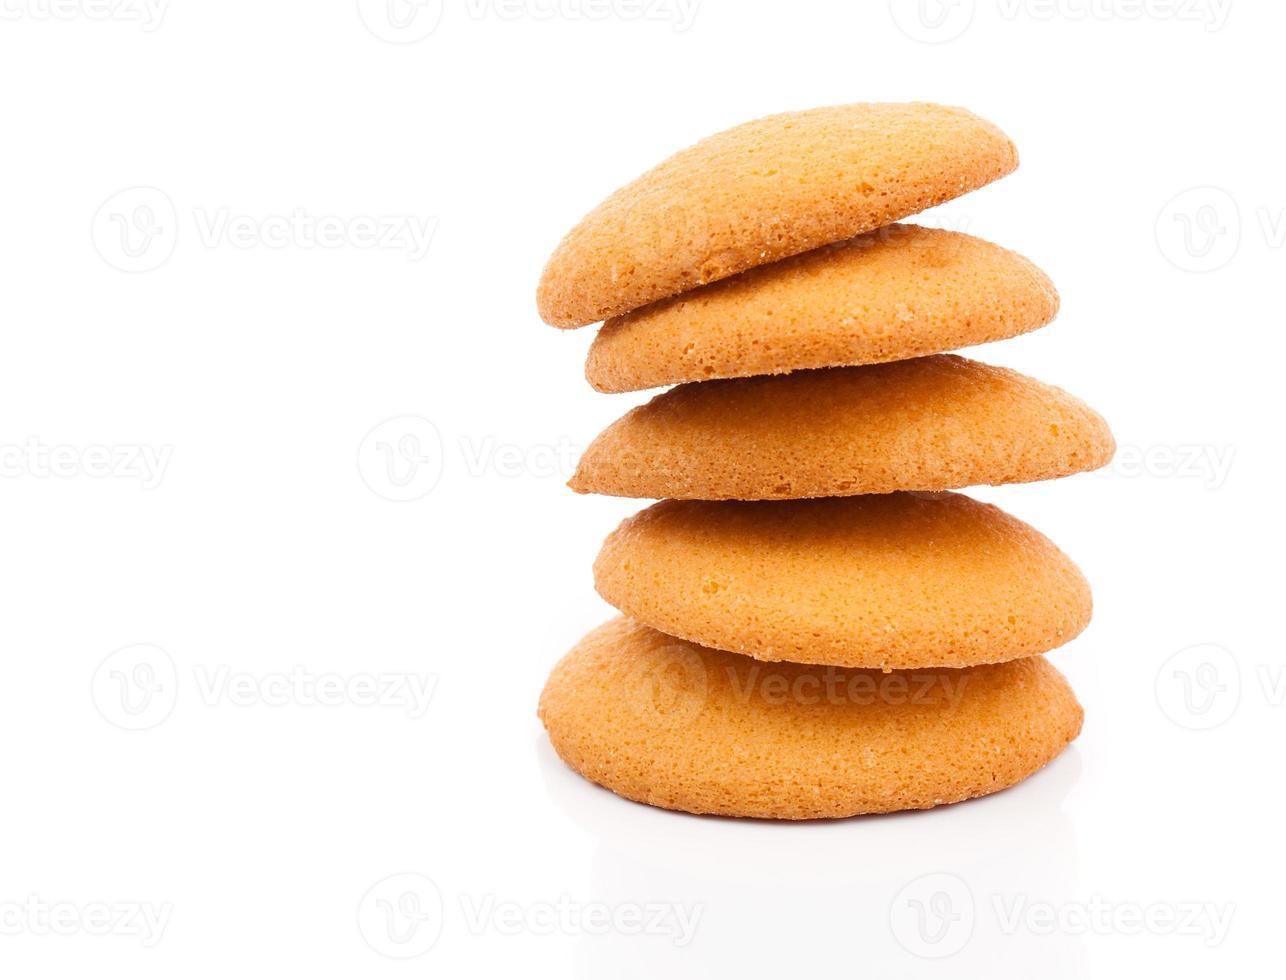 biscoitos, pilha de biscoitos foto